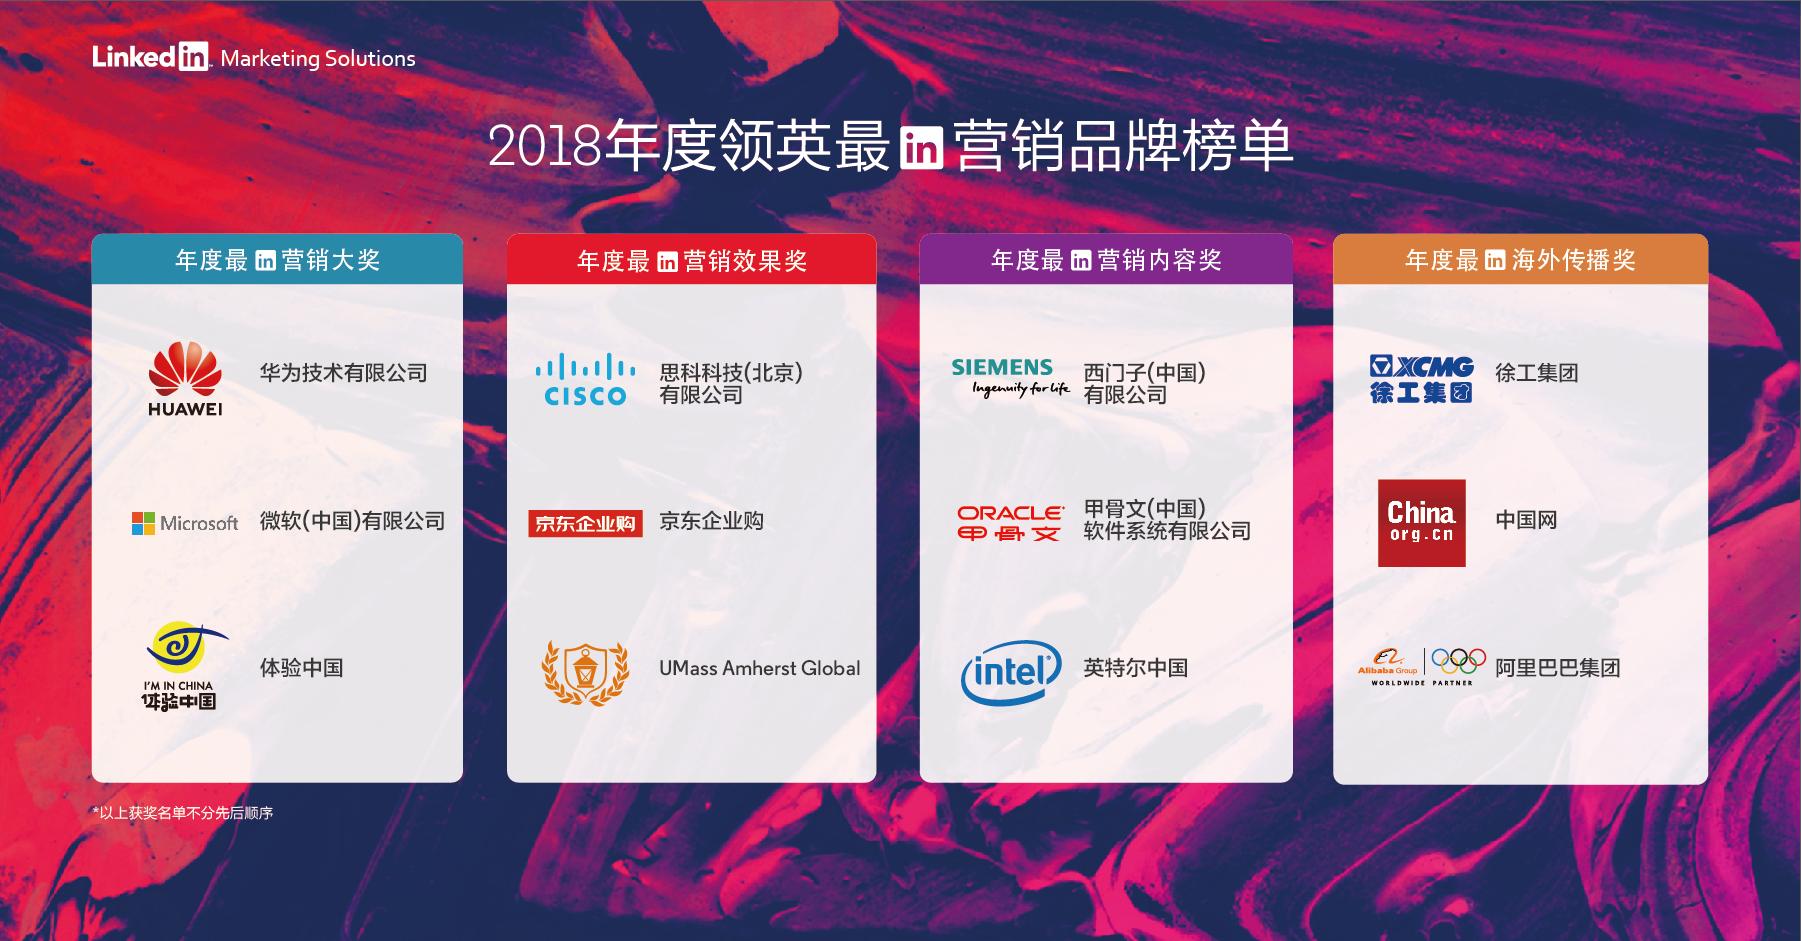 """2018年度""""最in营销""""品牌榜单发布 华为榜上有名"""